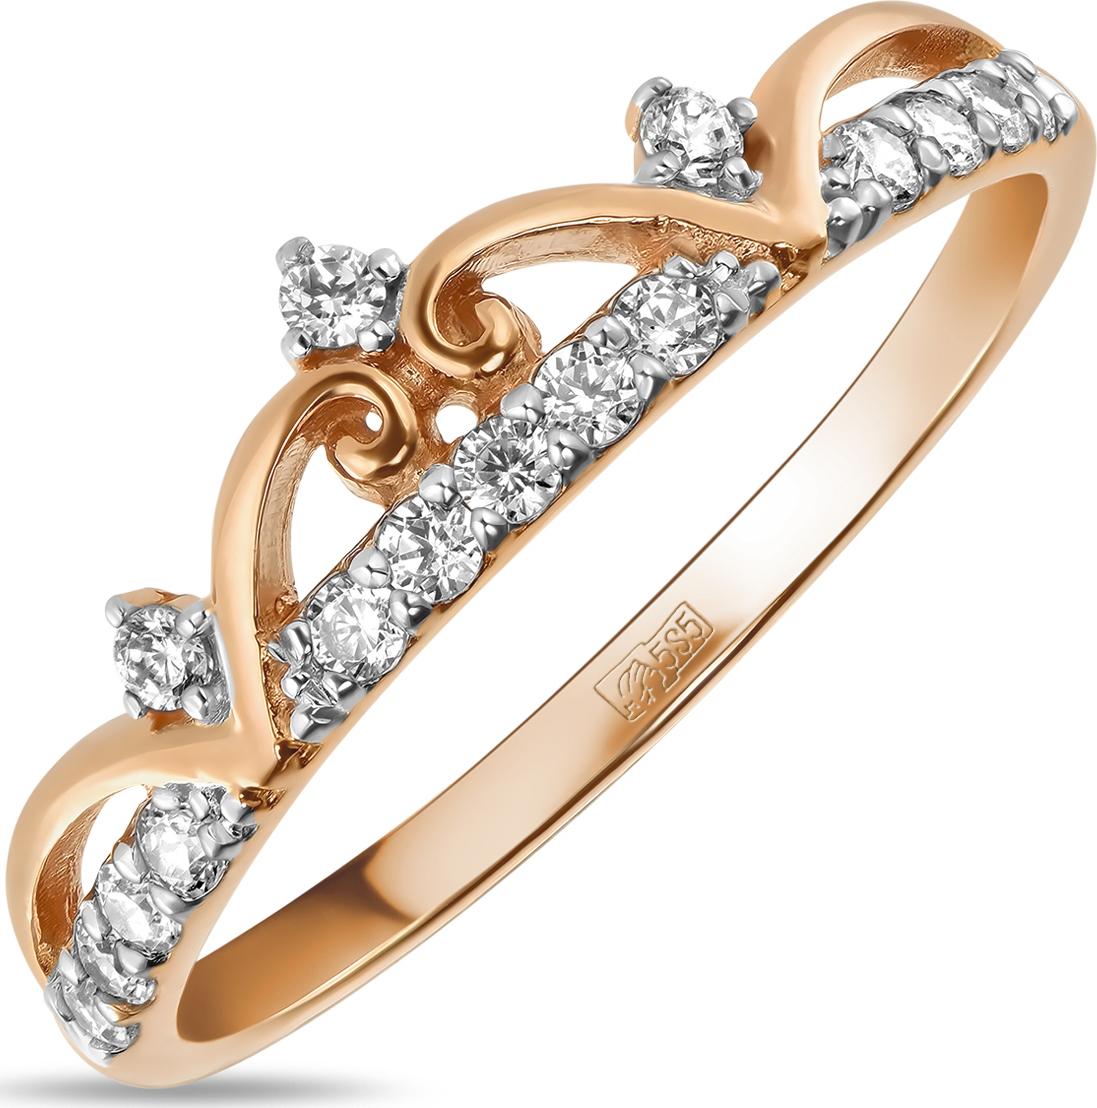 всей этой кольцо золотое картинка настоящее сми часто